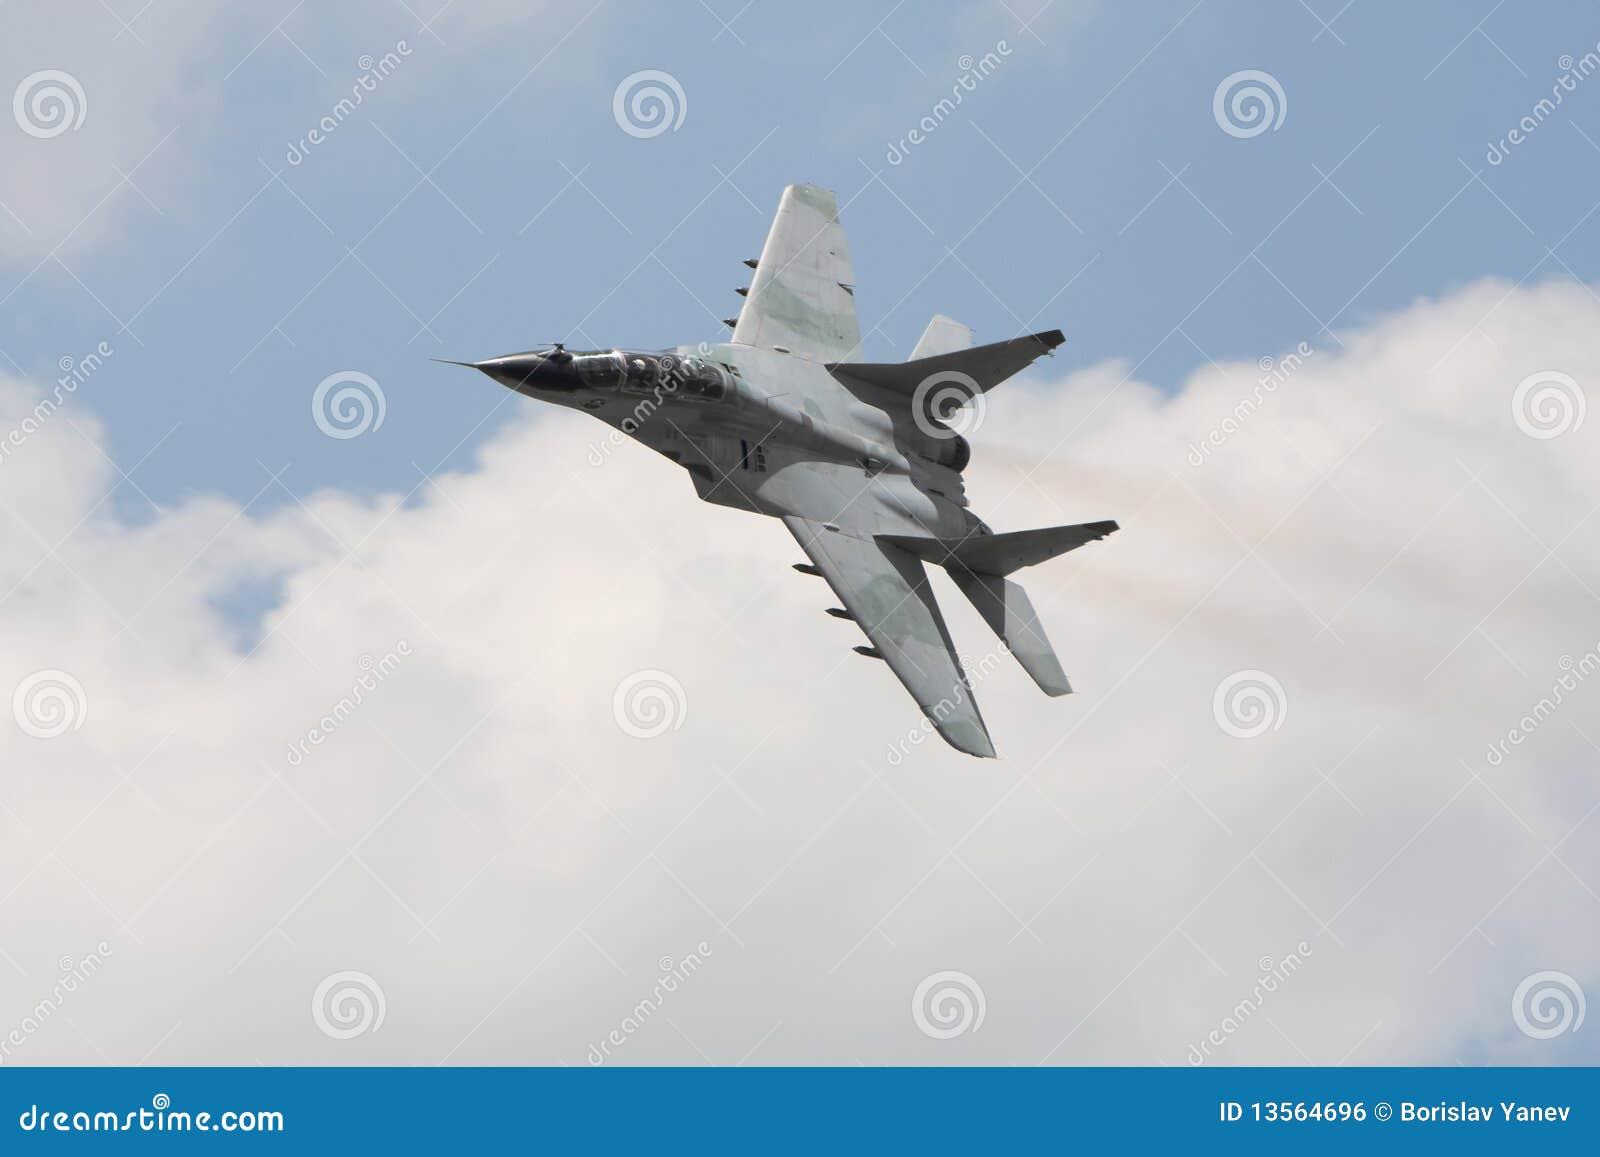 Aereo Da Combattimento Russo : Aereo da caccia militare russo mig immagine stock